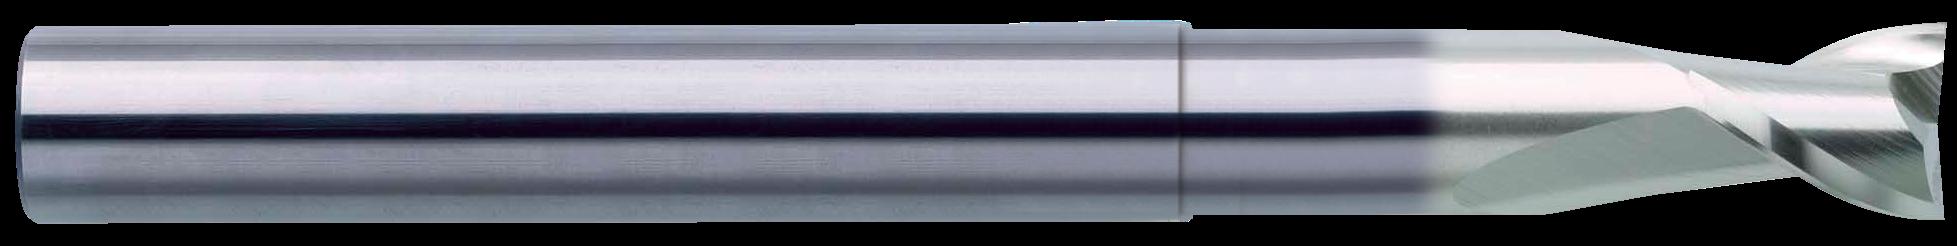 HVM-2 Two Flute